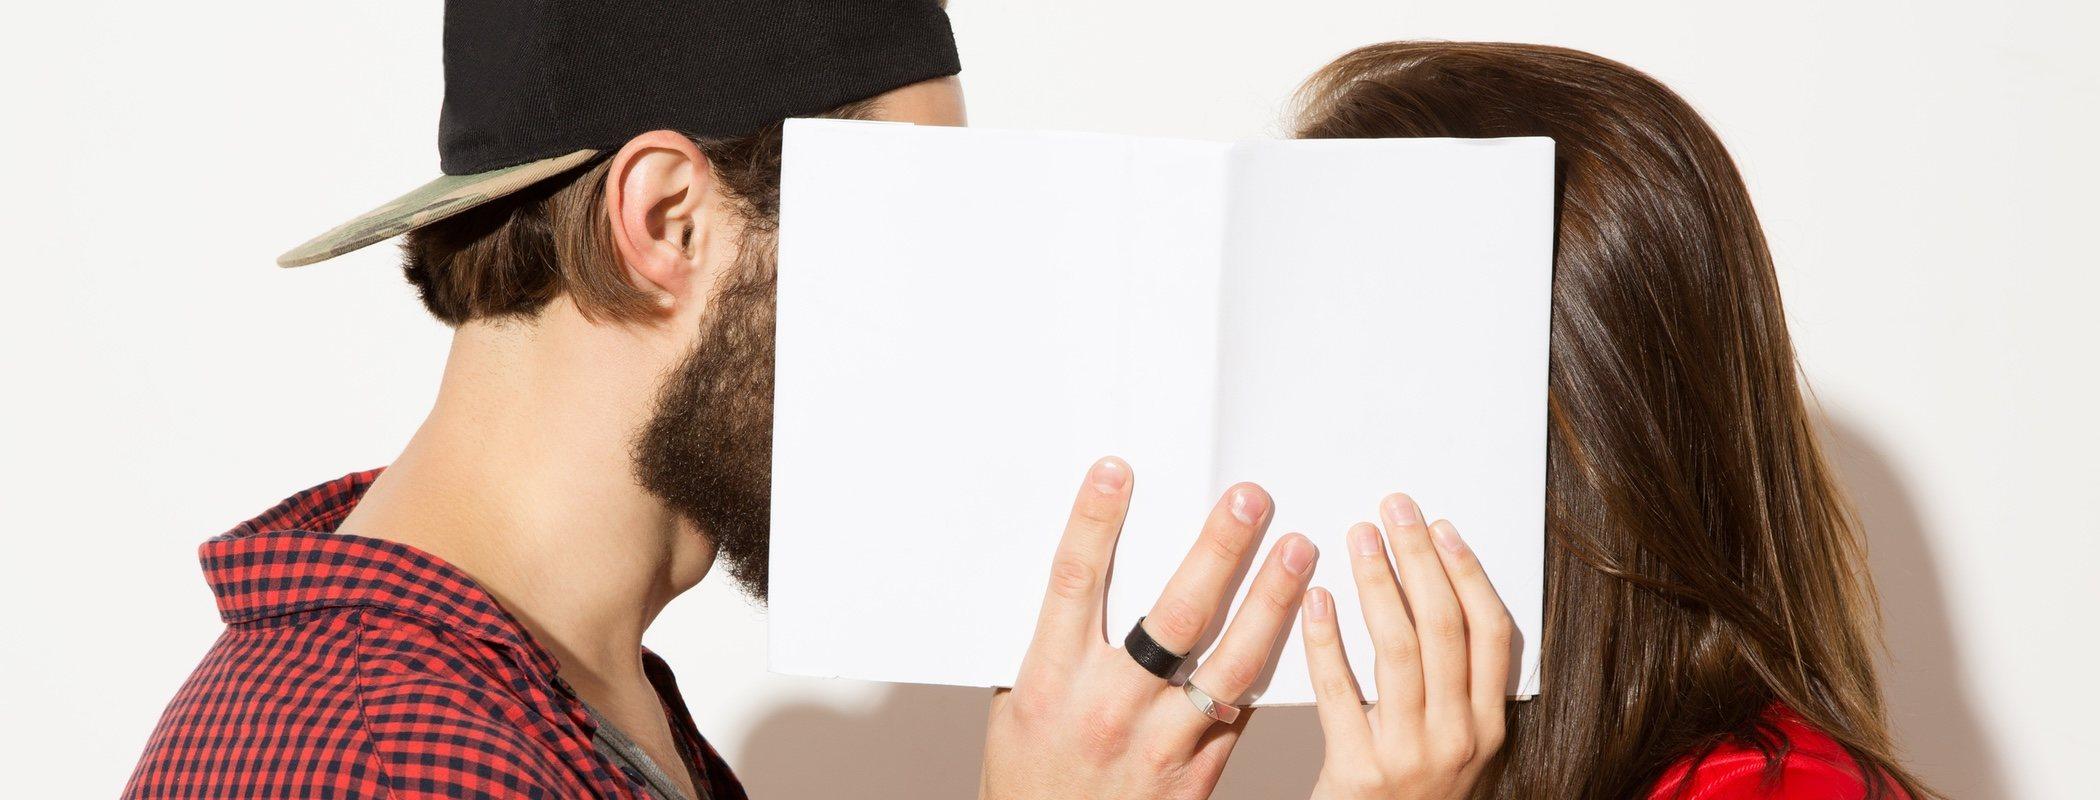 Relaciones secretas: cómo actuar